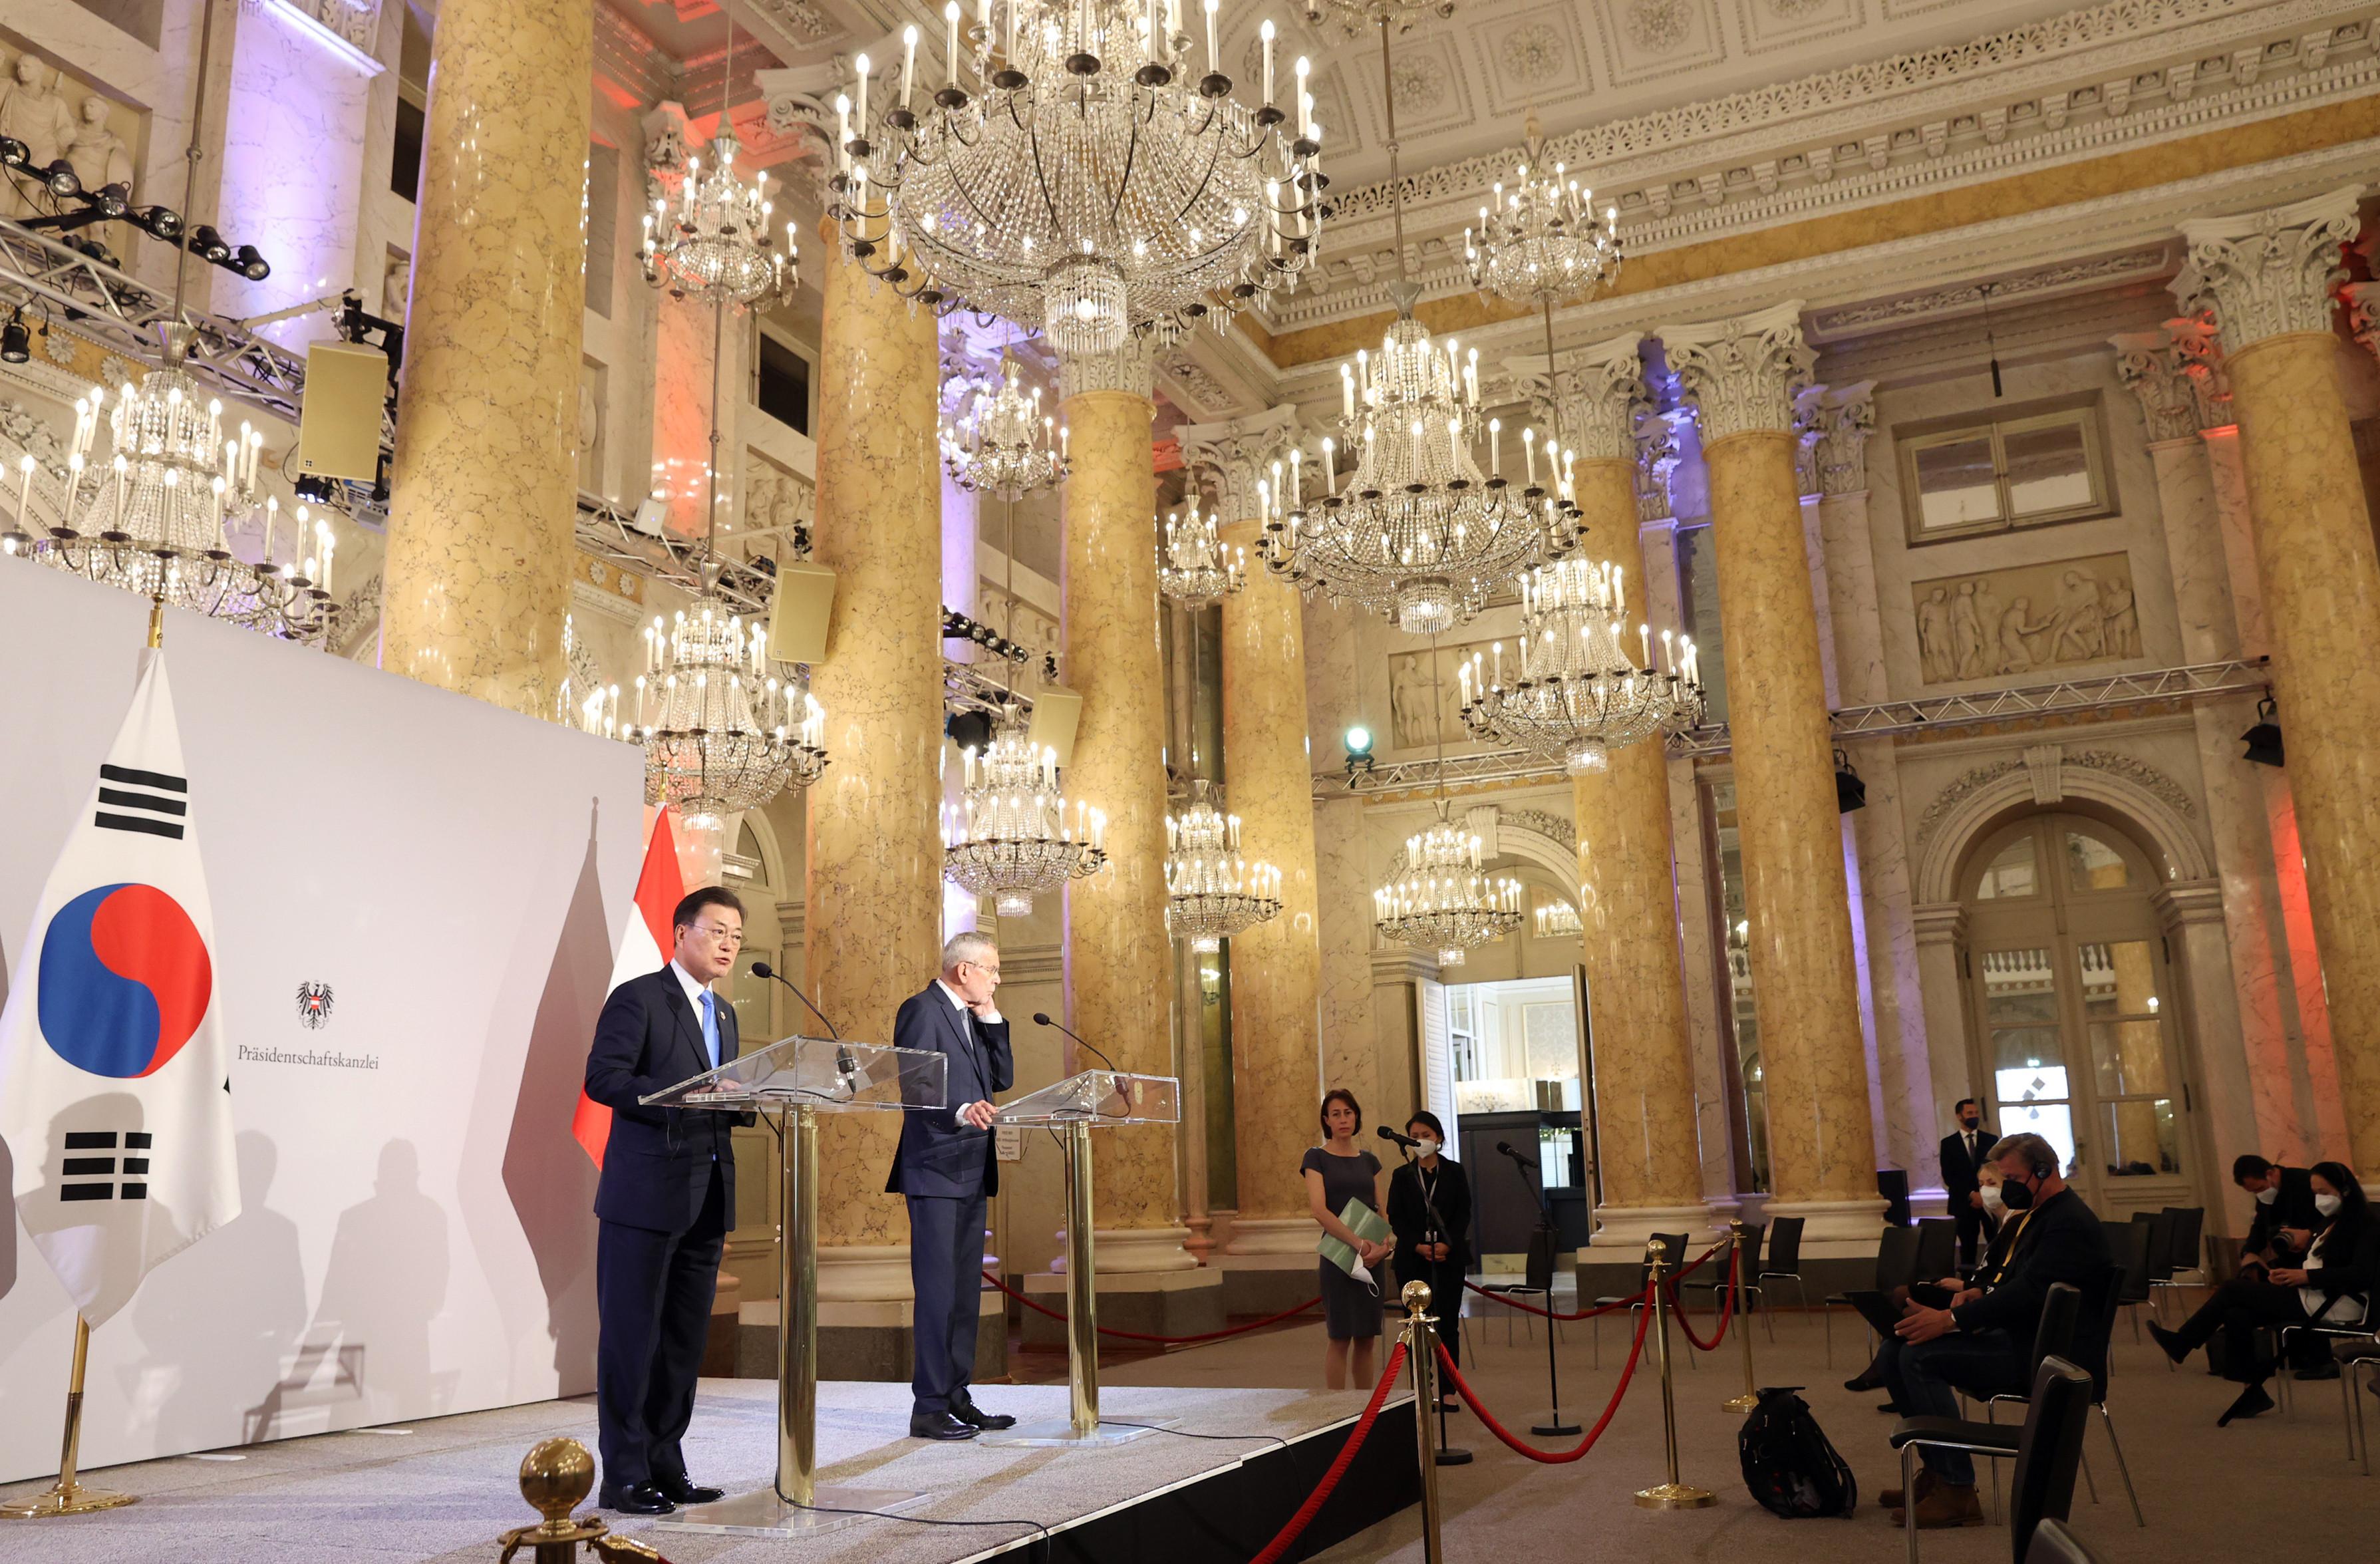 ▲▼文在寅會晤奧地利總統范德貝倫,雙方會後舉行聯合記者會。(圖/達志影像/newscom)